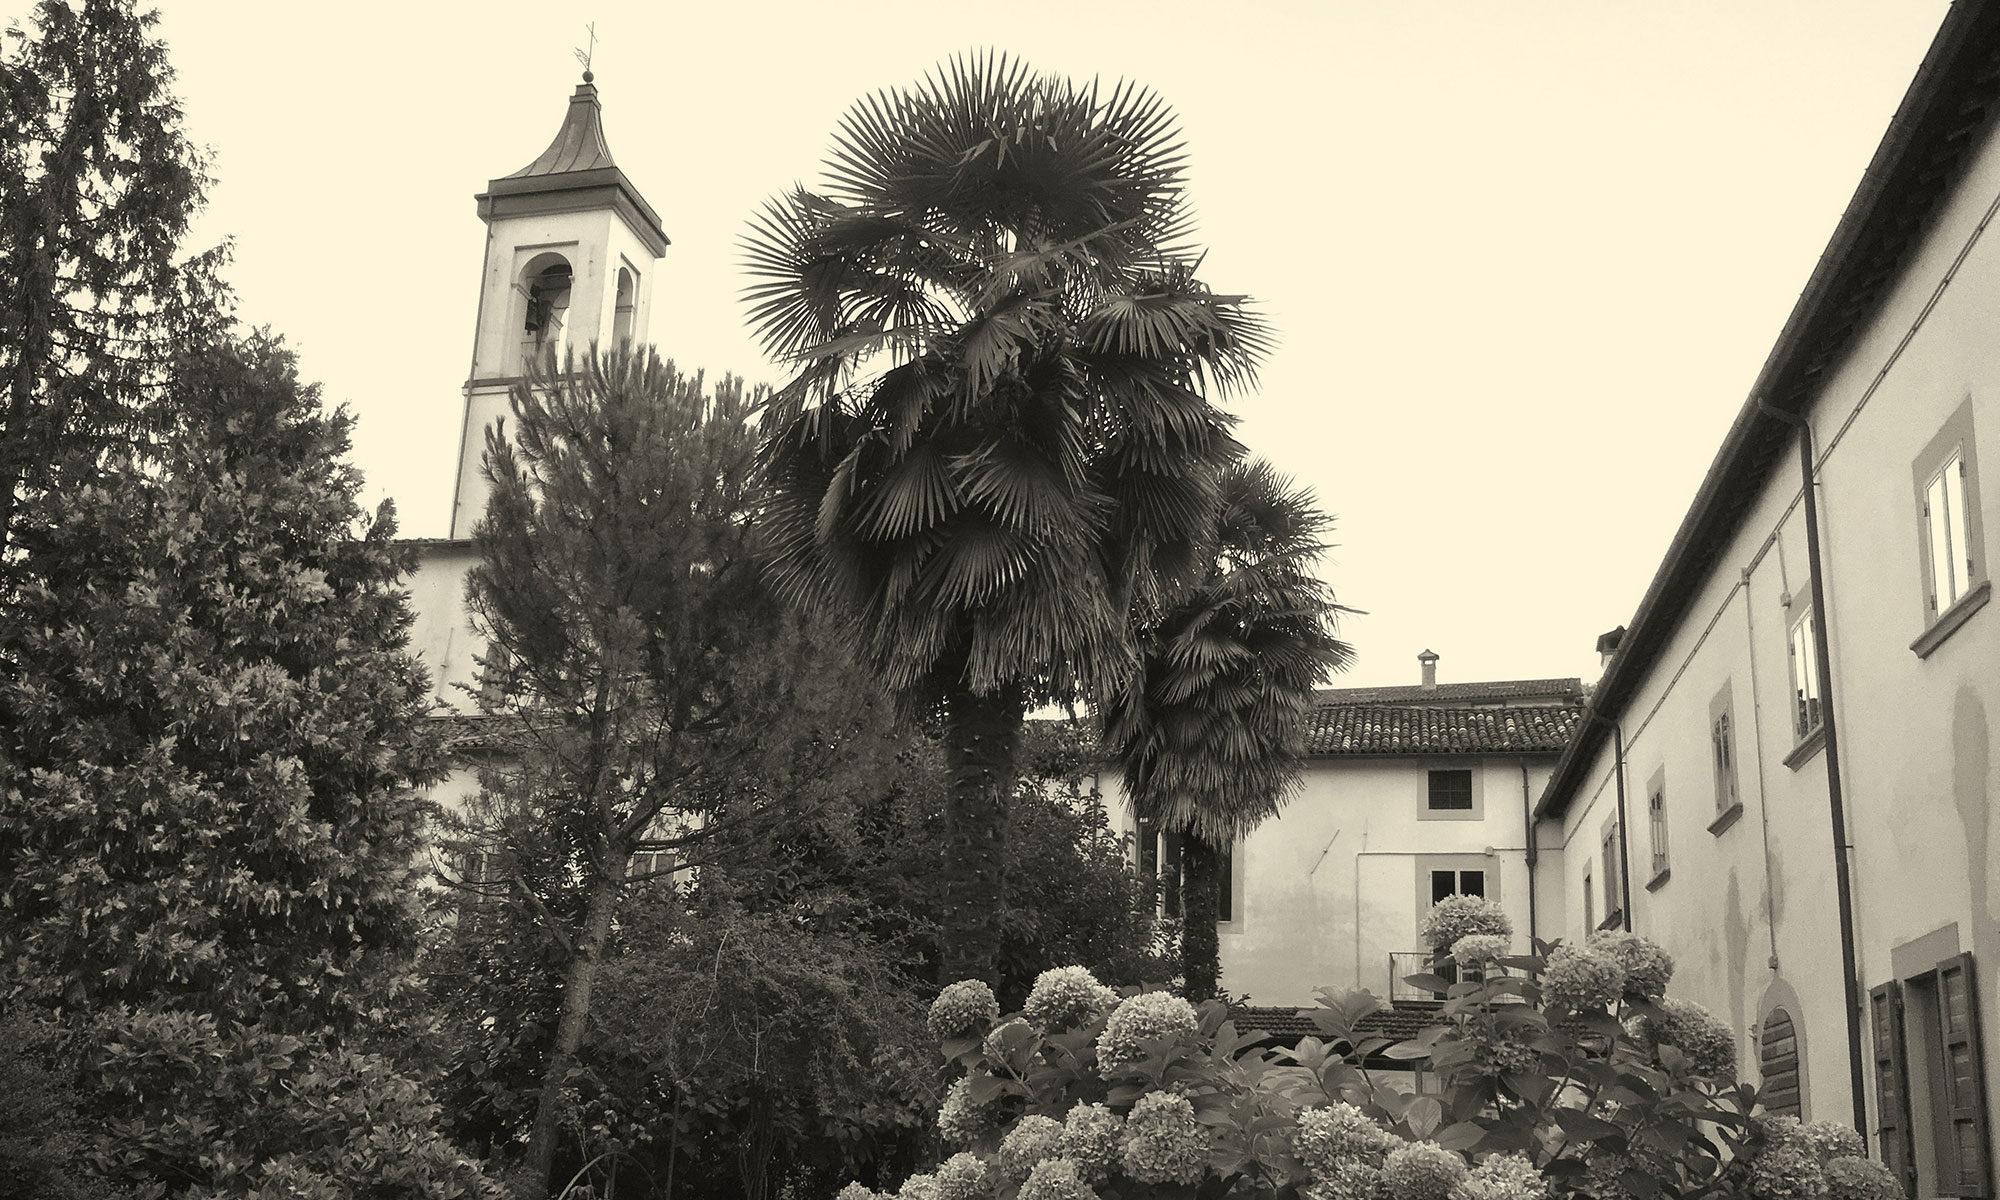 Monastero SS. Annunziata Marradi